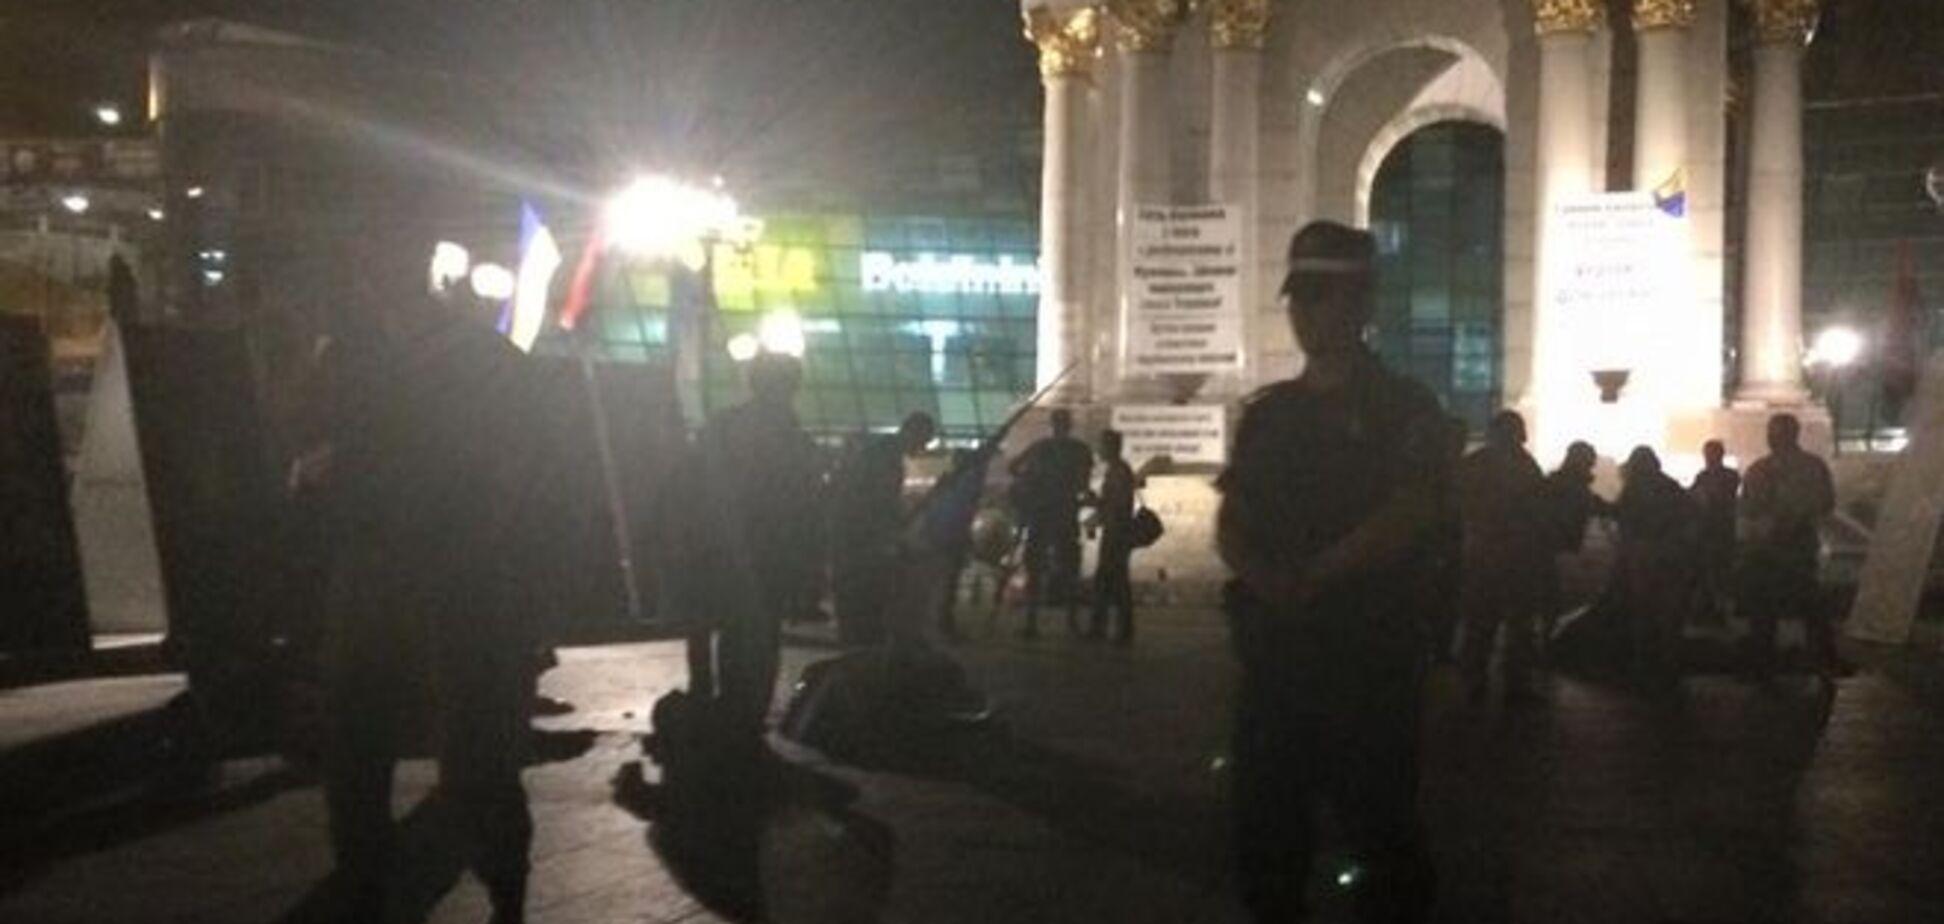 'Майдан' 3.0. Палатки снесли, организатора задержали: фото из соцсети